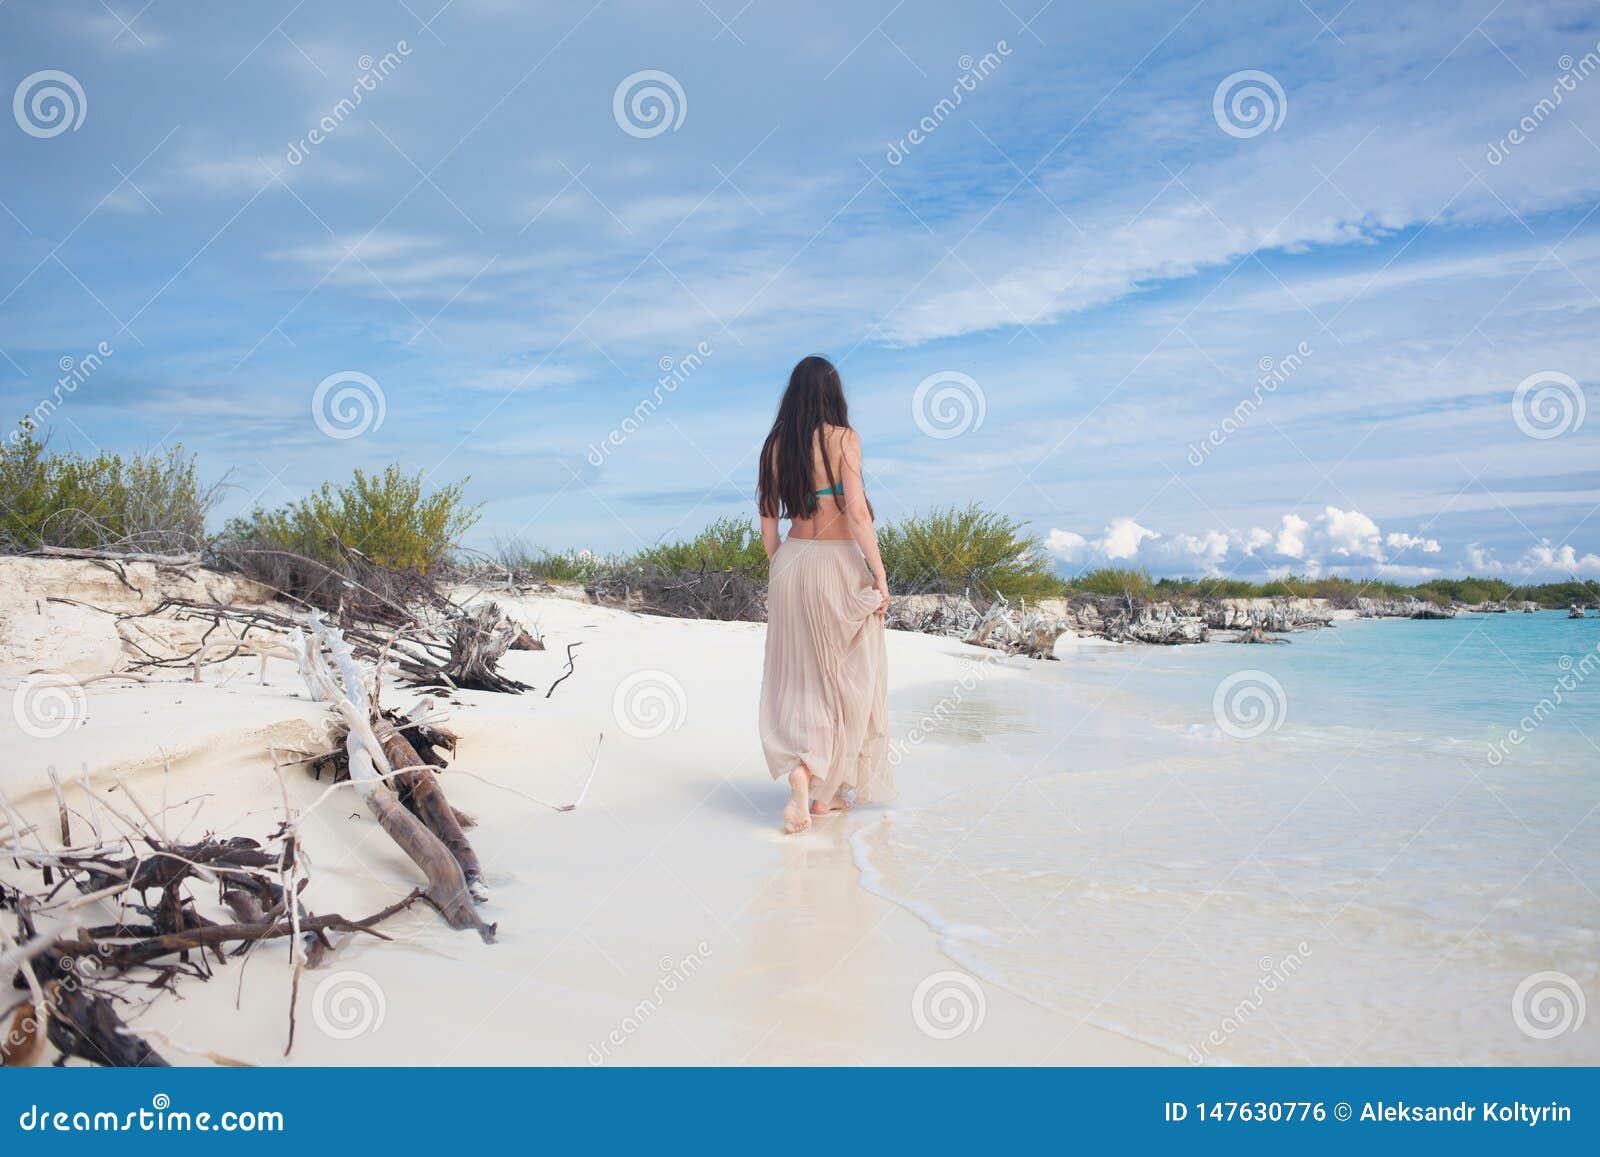 比基尼泳装和长的裙子的年轻可爱的妇女 美女享用夏天太阳